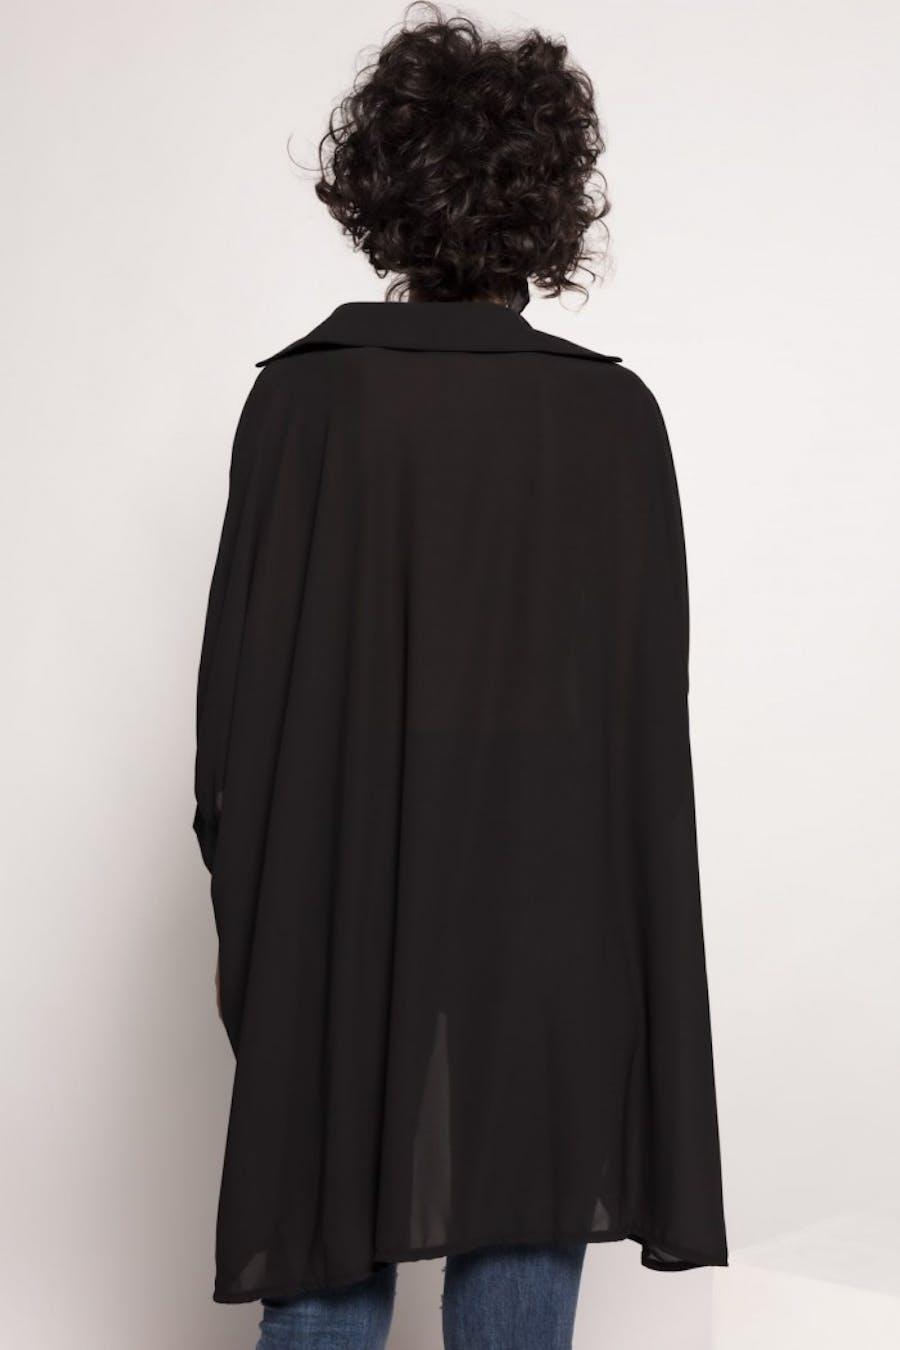 Camisa Cassual larga fluida Negro